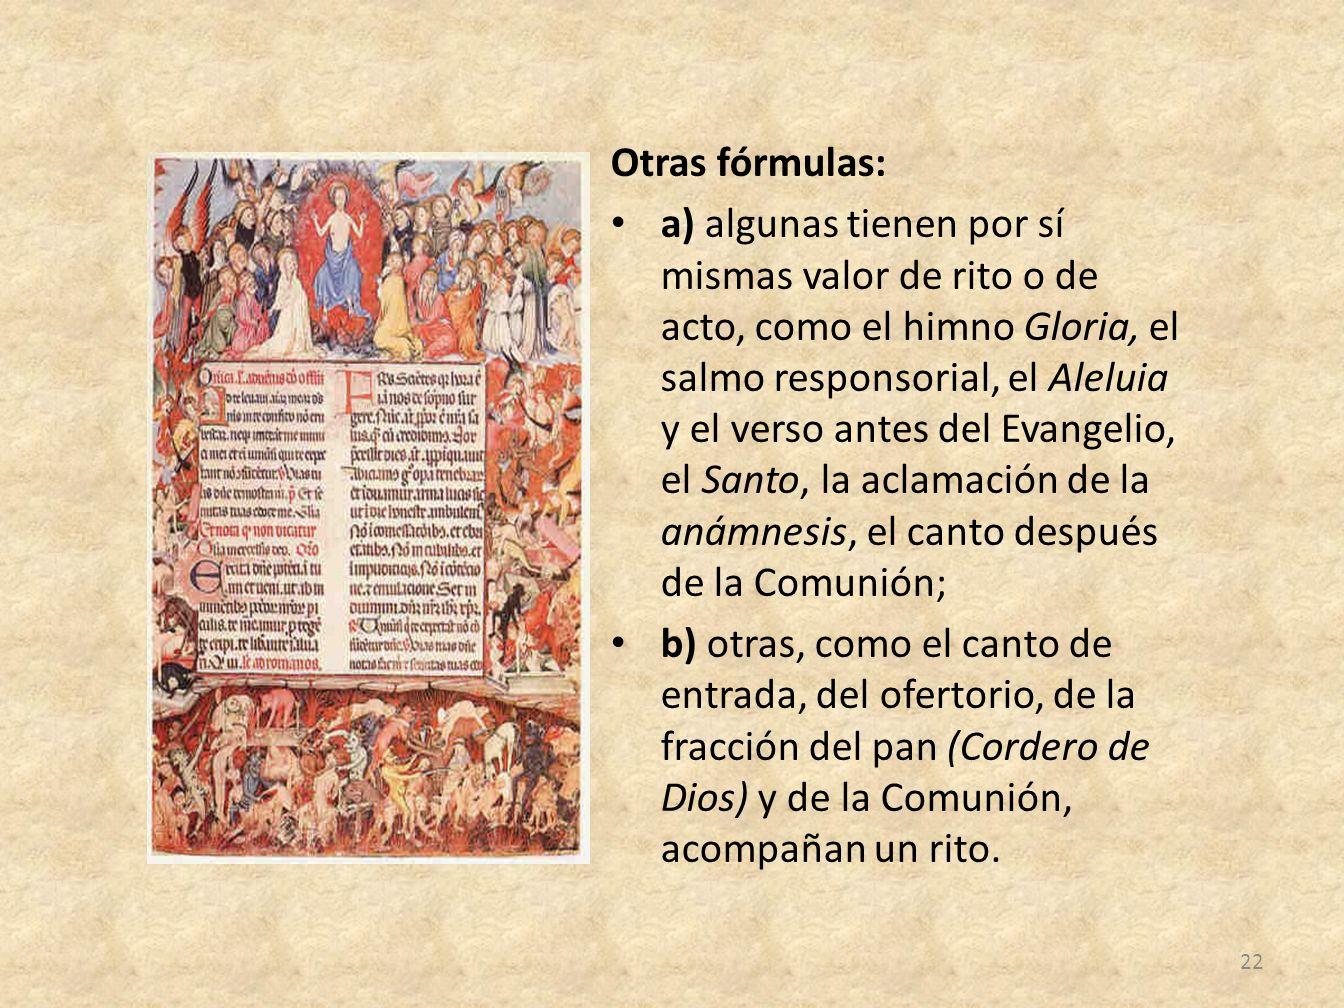 Otras fórmulas: a) algunas tienen por sí mismas valor de rito o de acto, como el himno Gloria, el salmo responsorial, el Aleluia y el verso antes del